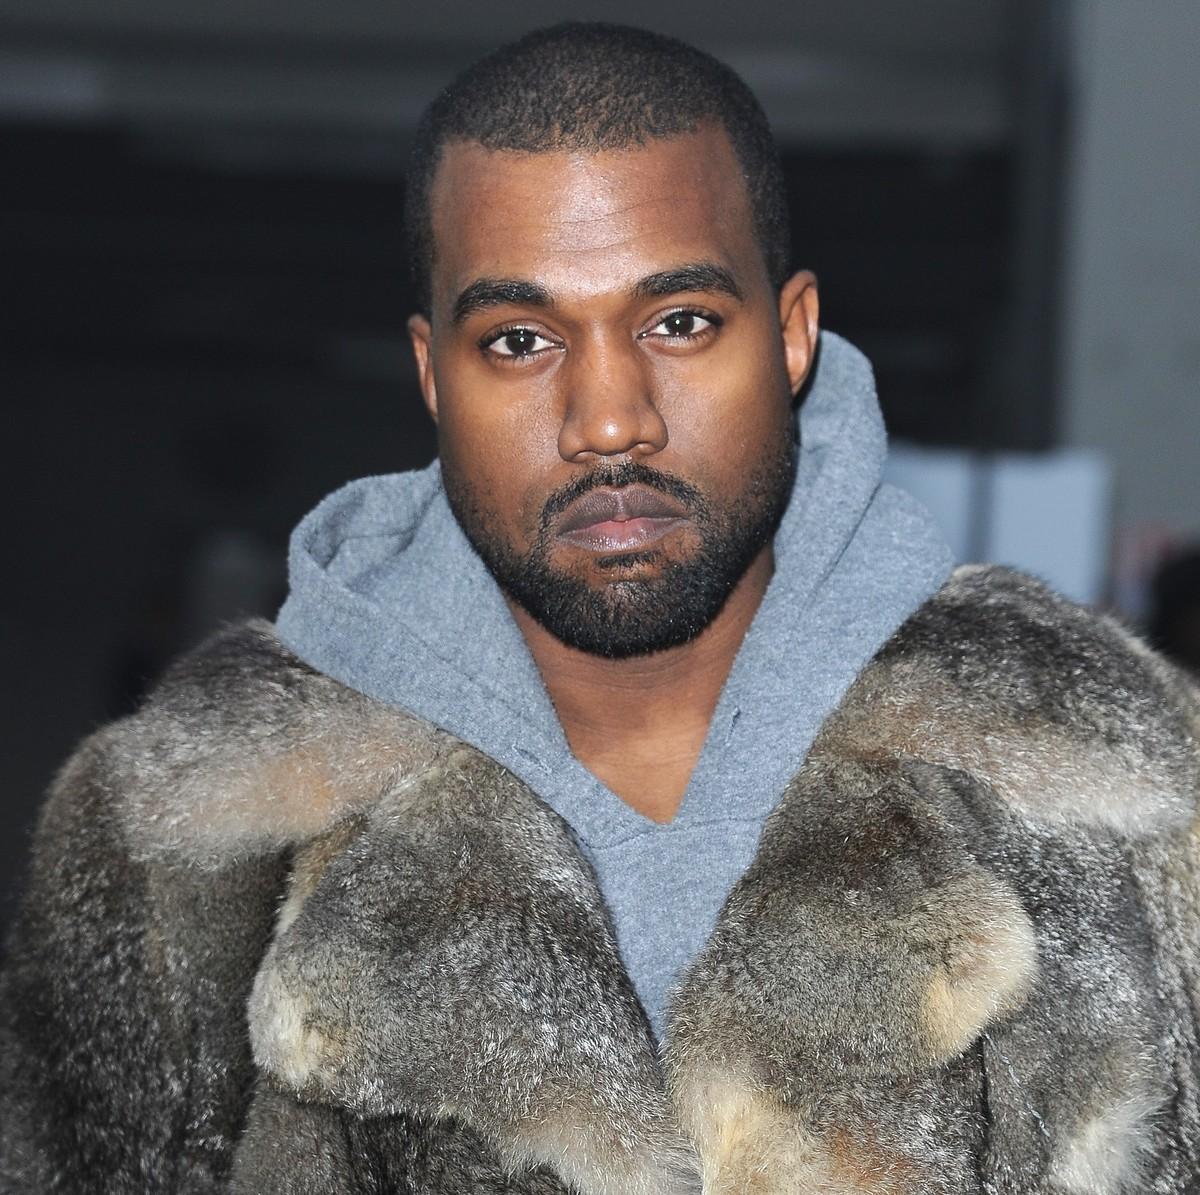 Kanye West: 87.94 Percent Accuracy